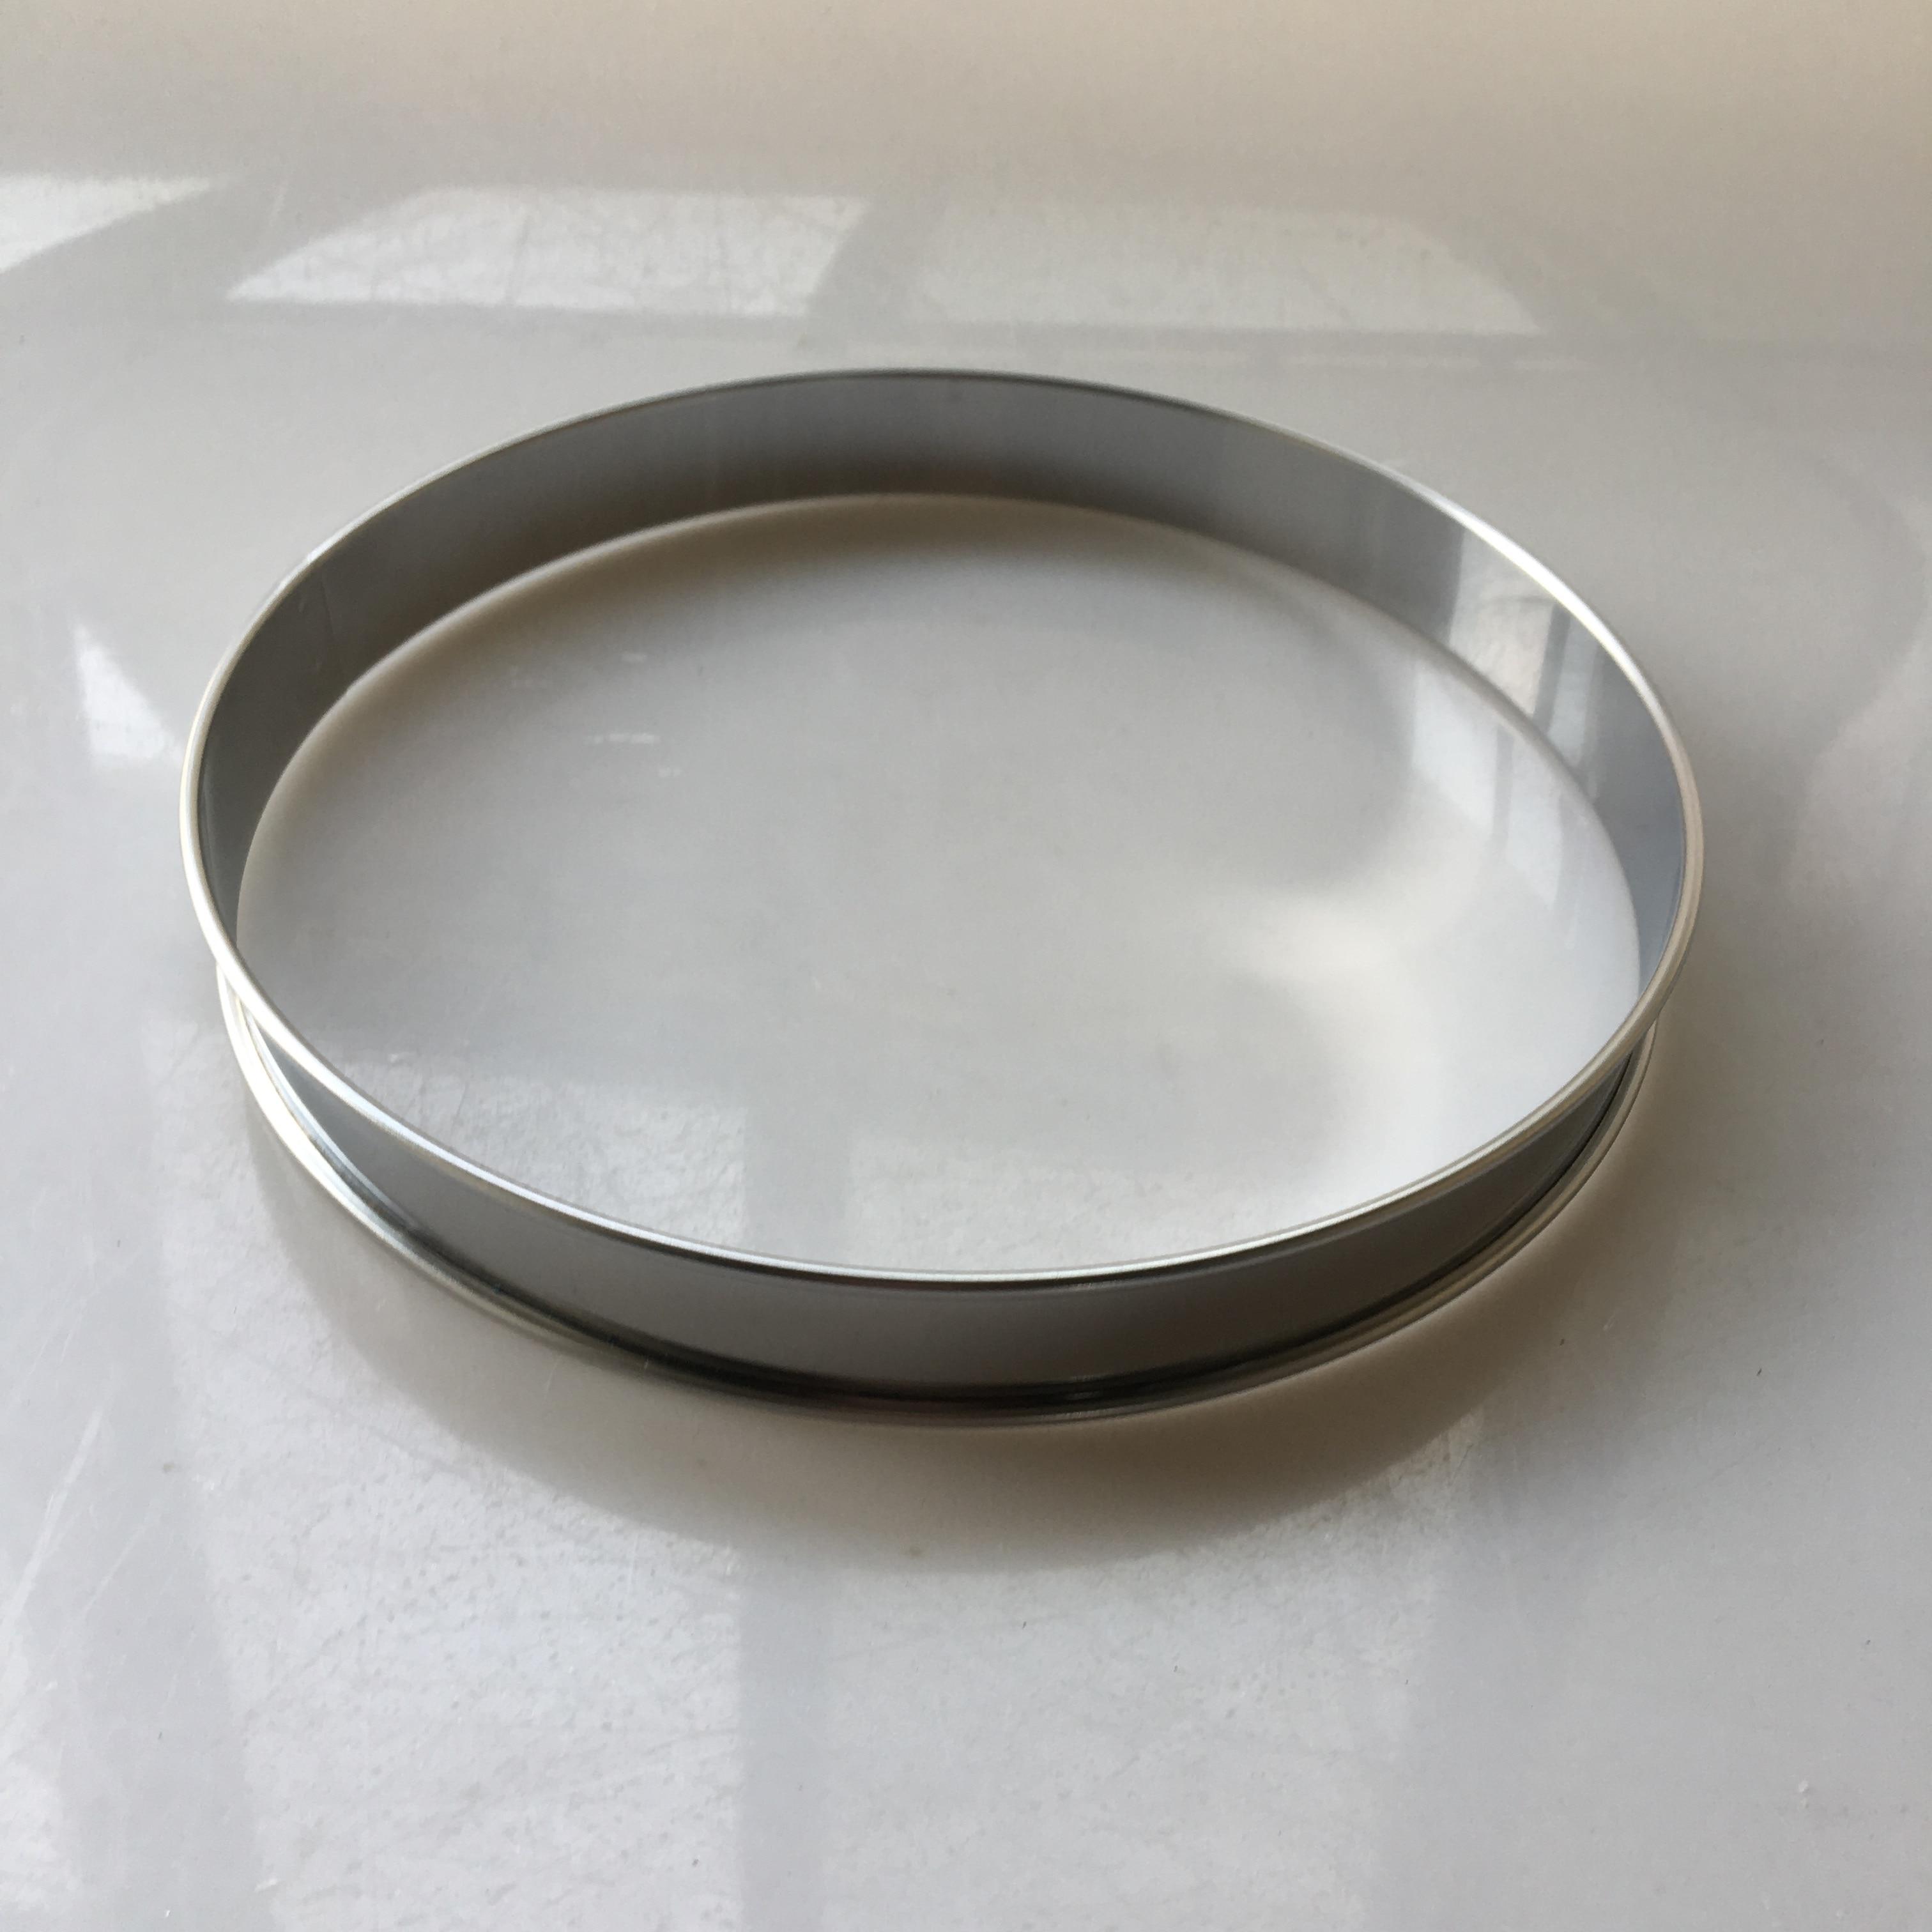 9 pulgadas 24cm Anillos De Muffin inglés anillo de tarta Anillo de pie anillo de tarlet de círculo